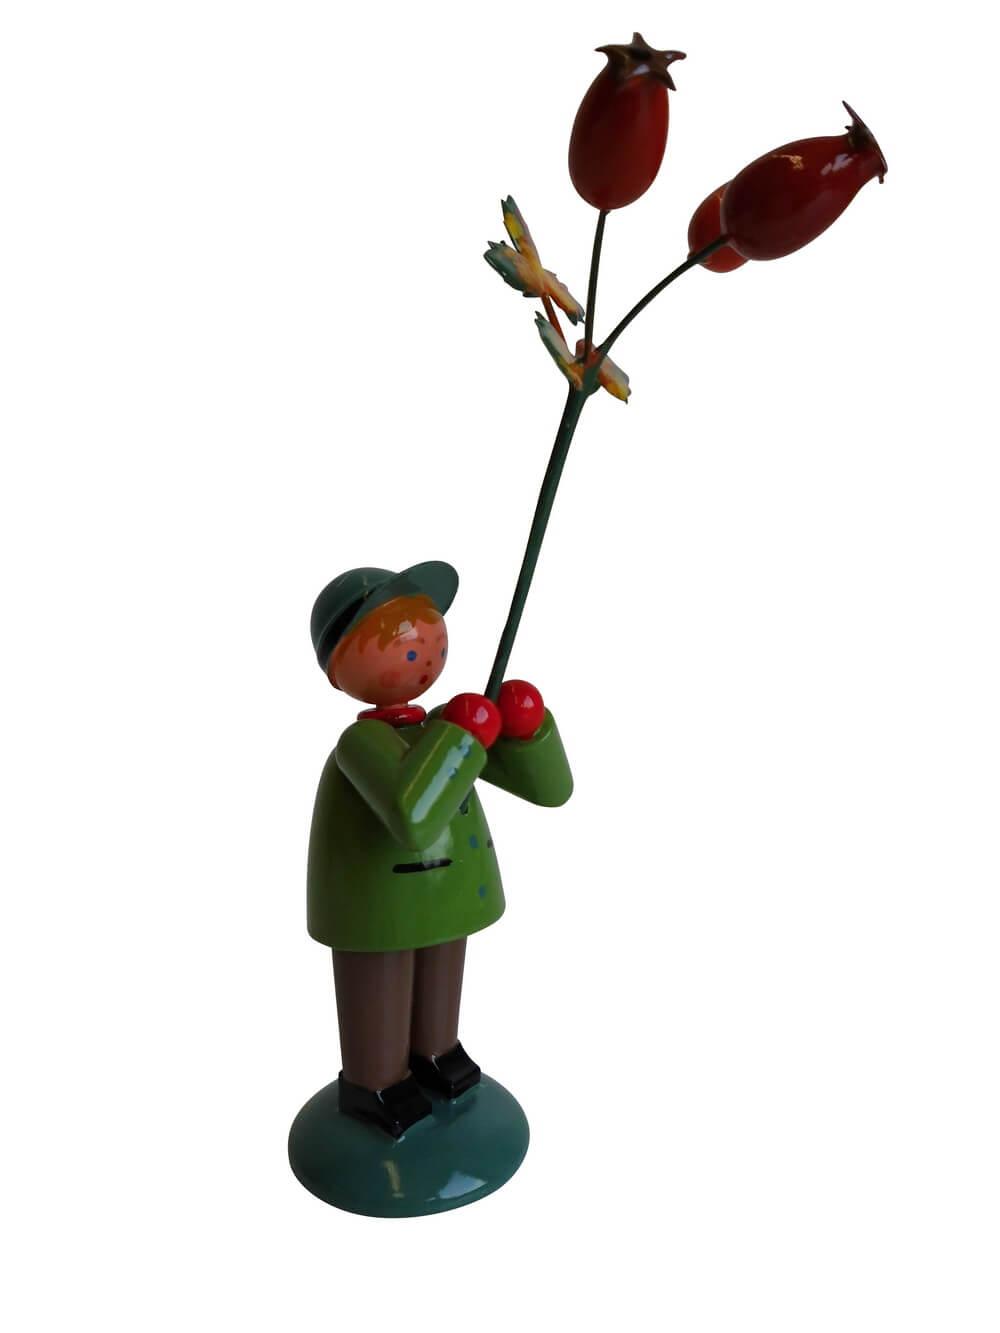 Blumenkinder - Blumenkind Junge mit Hagebutte, handbemalt, 12 cm von WEHA-Kunst Dippoldiswalde/ Erzgebirge